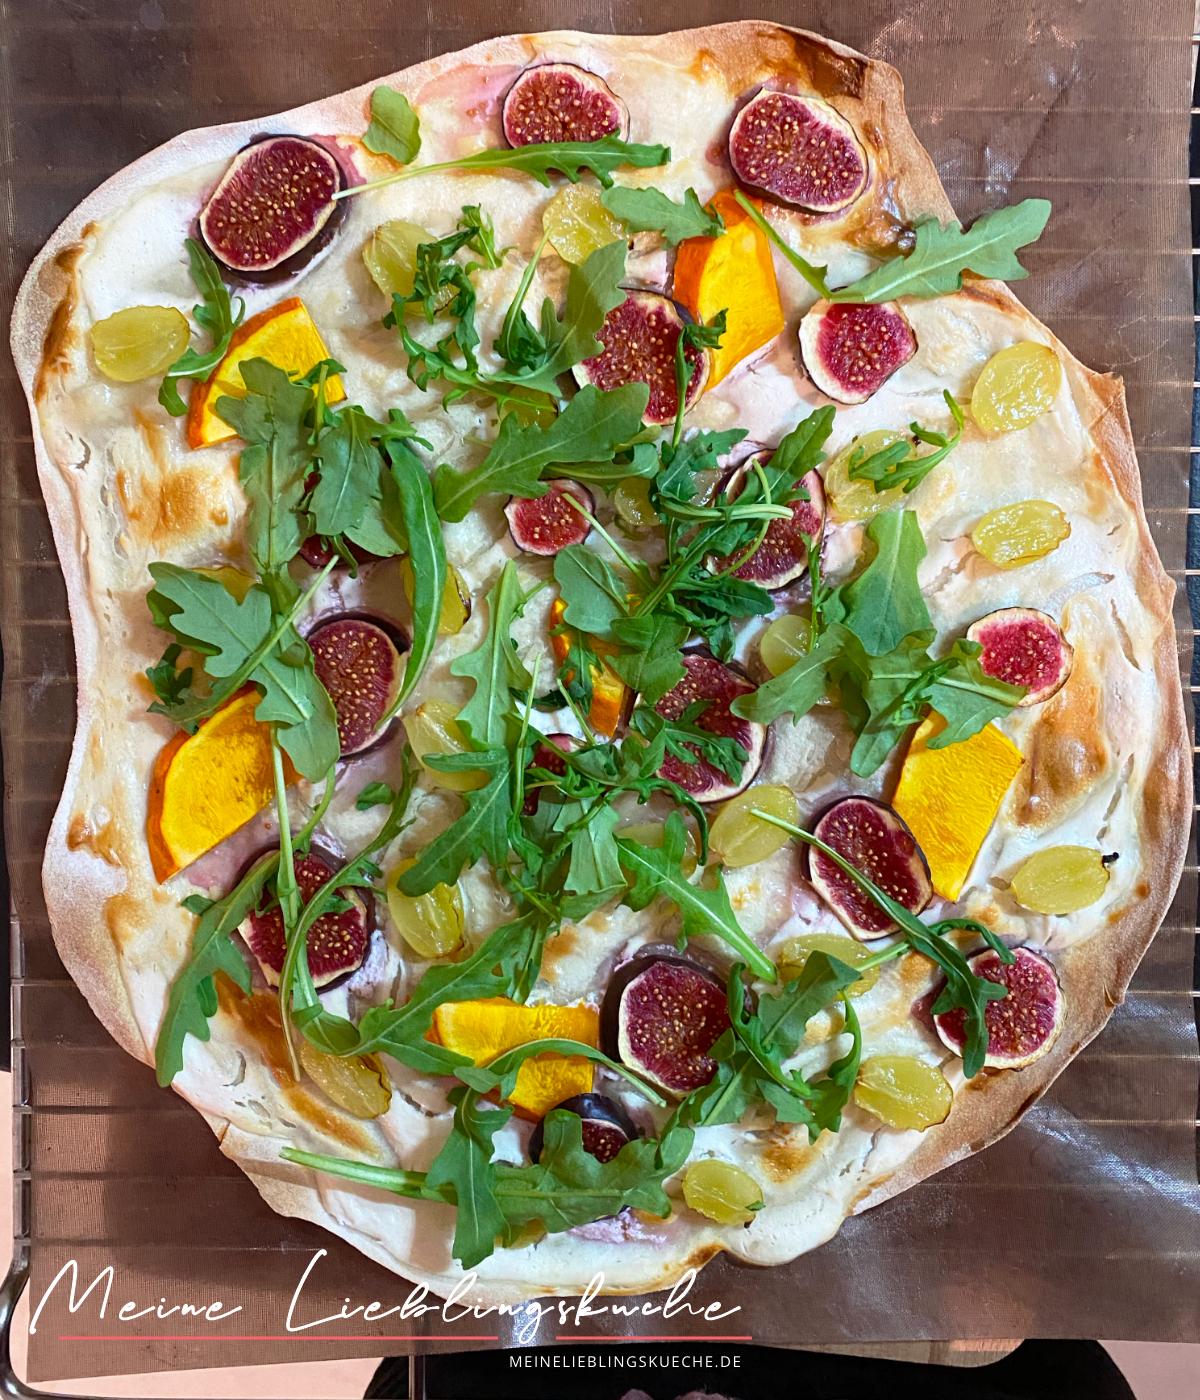 Veganer Flammkuchen mit Kürbis, Feigen, Trauben und Rucola